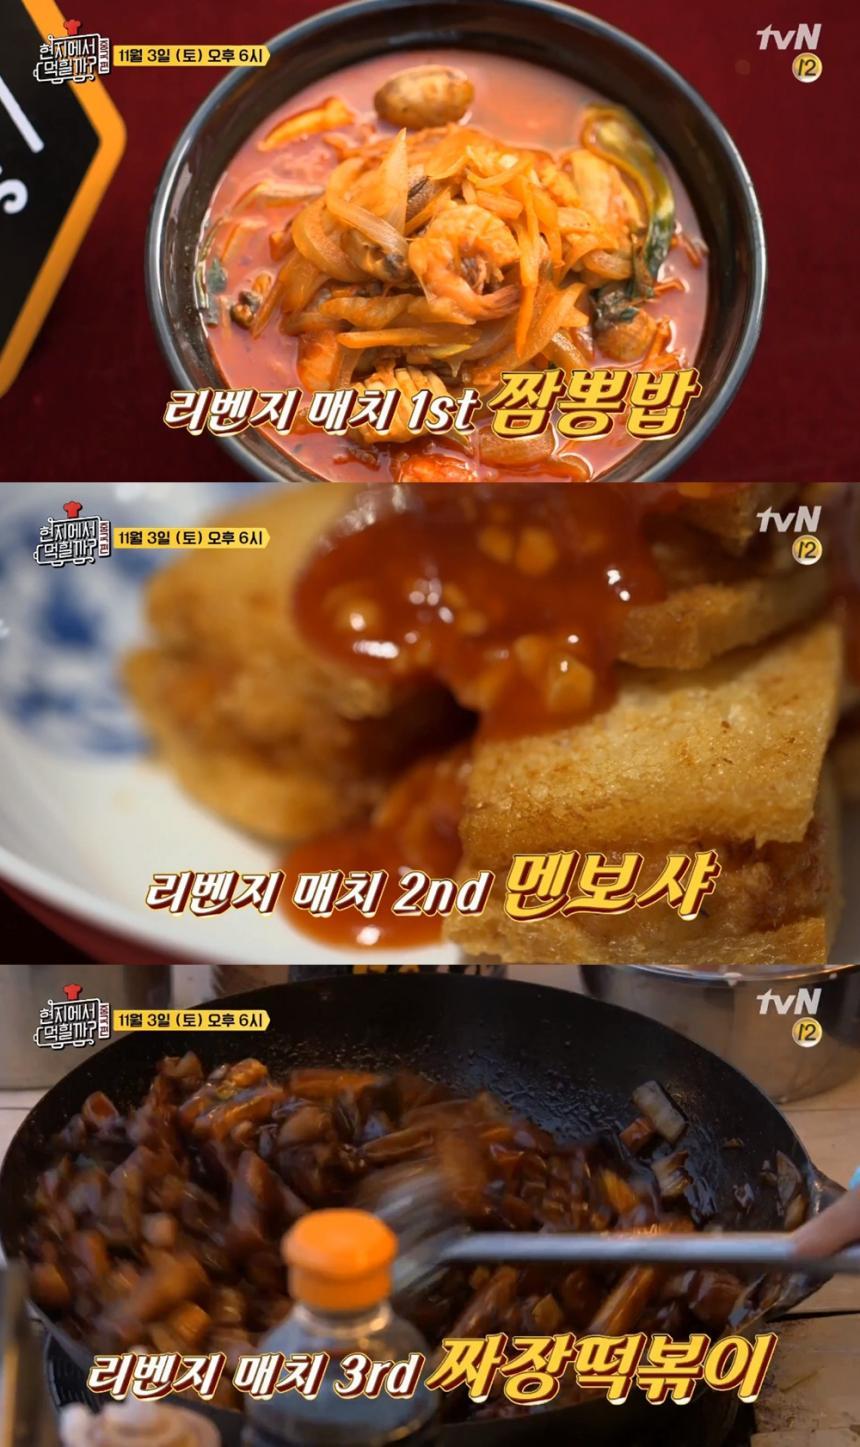 tvN '현지에서 먹힐까? 중국편' 예고 캡처